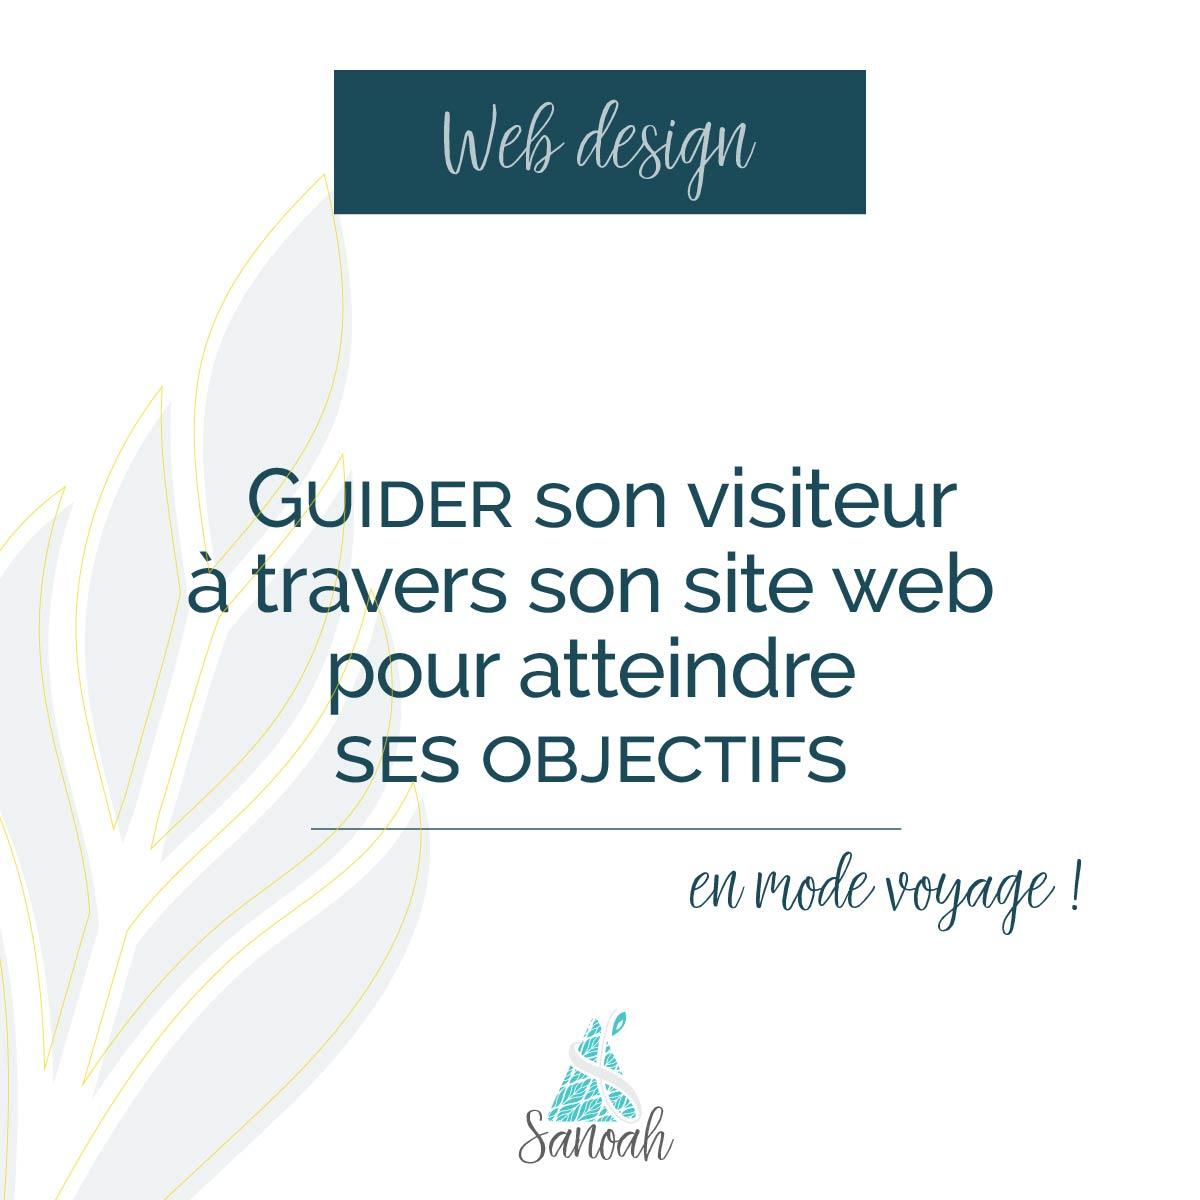 Guider son visiteur à travers son site